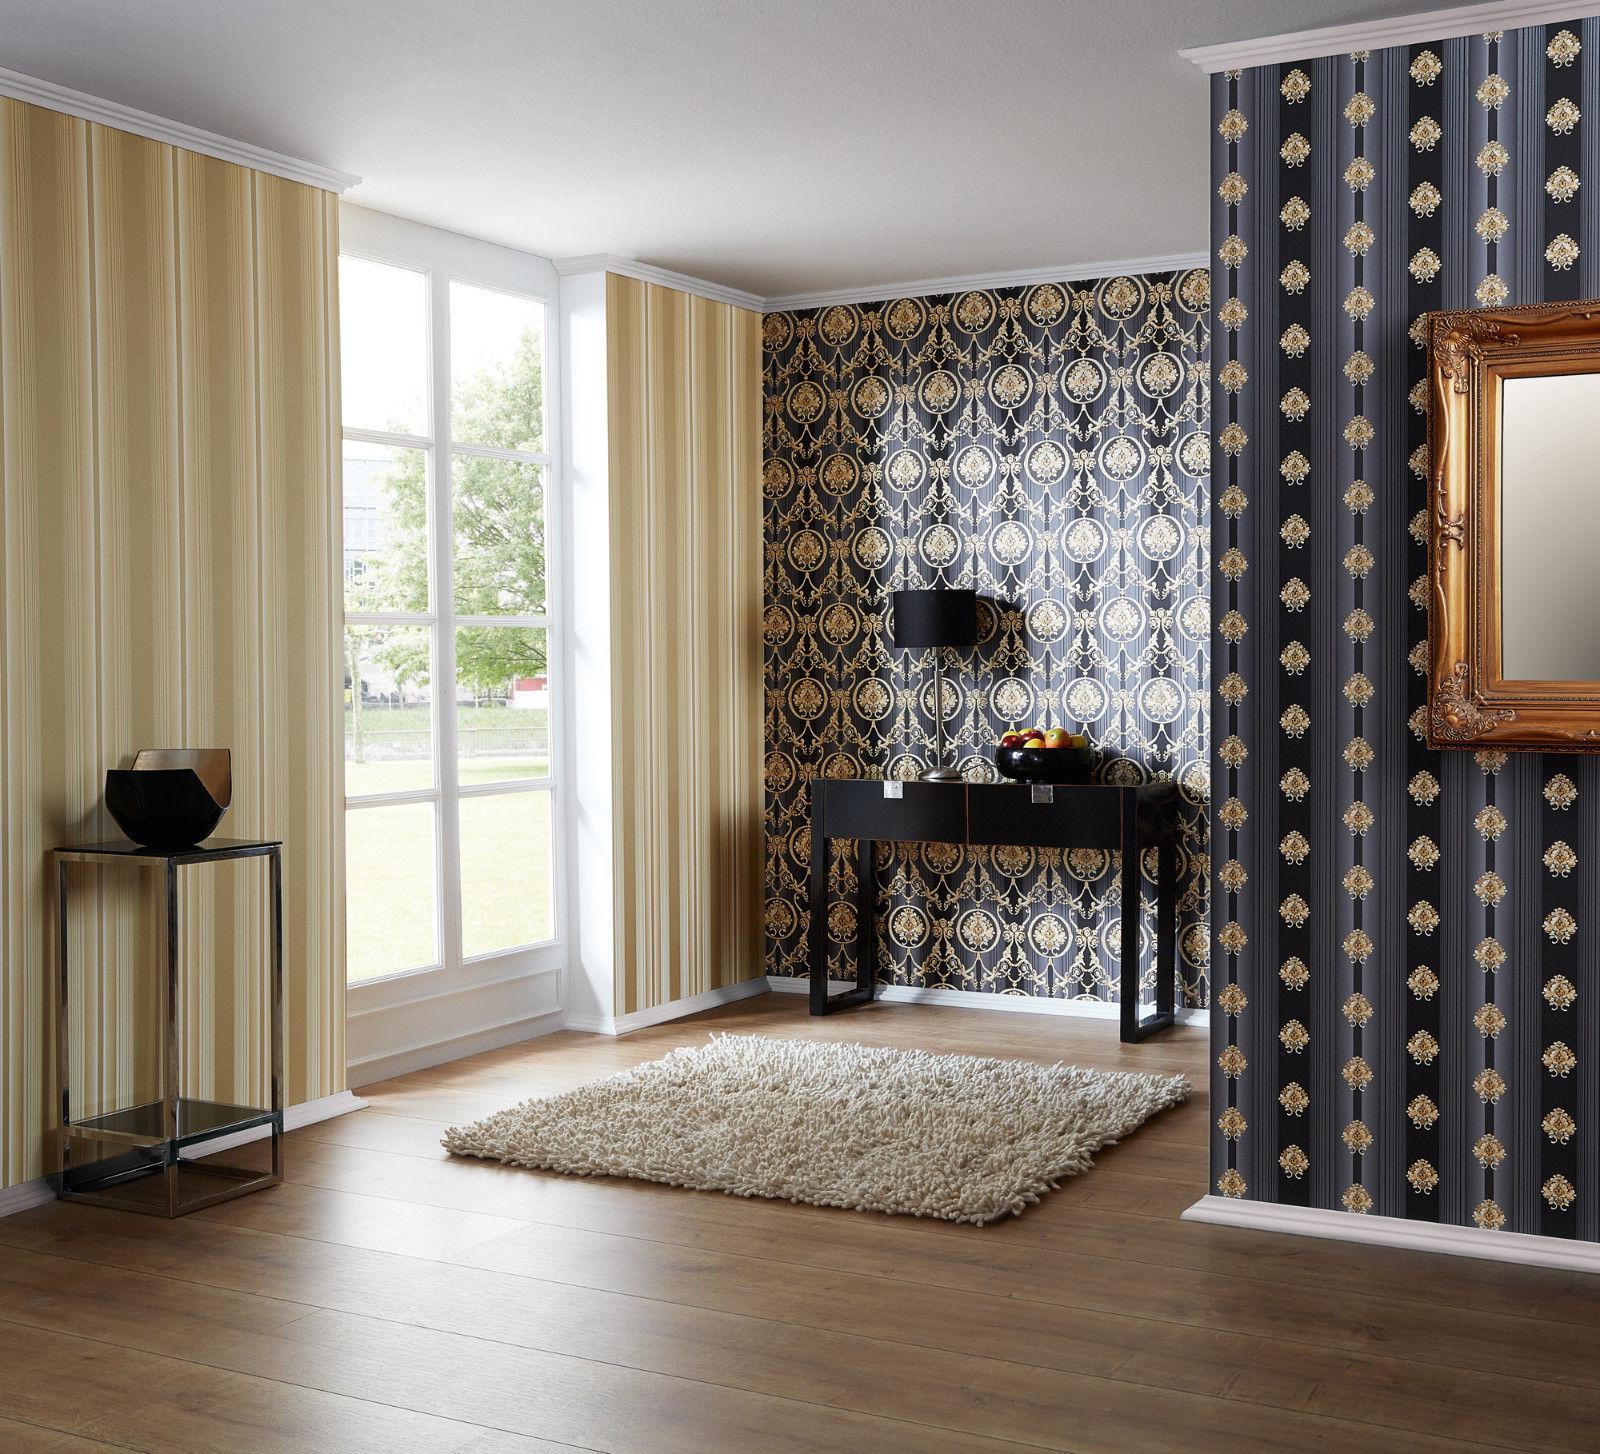 luxus vlies tapete barock muster ornament schwarz gold metallic 330836 streifen kaufen bei. Black Bedroom Furniture Sets. Home Design Ideas